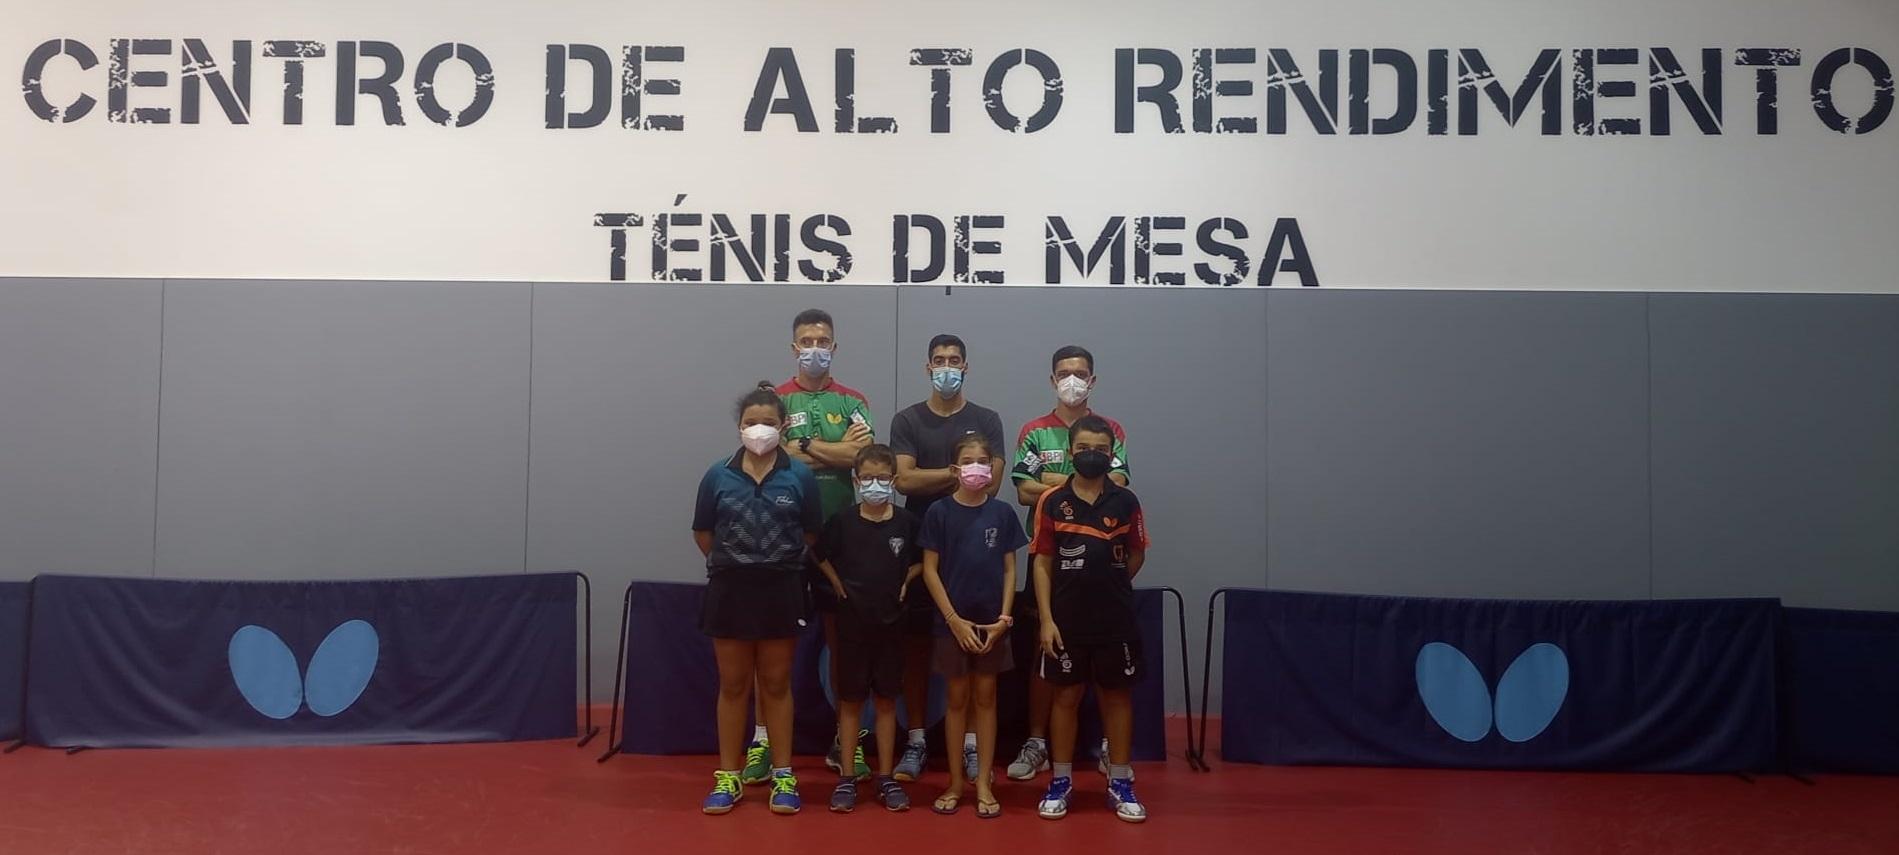 Jovens atletas madeirenses iniciam época com estágio em Gaia